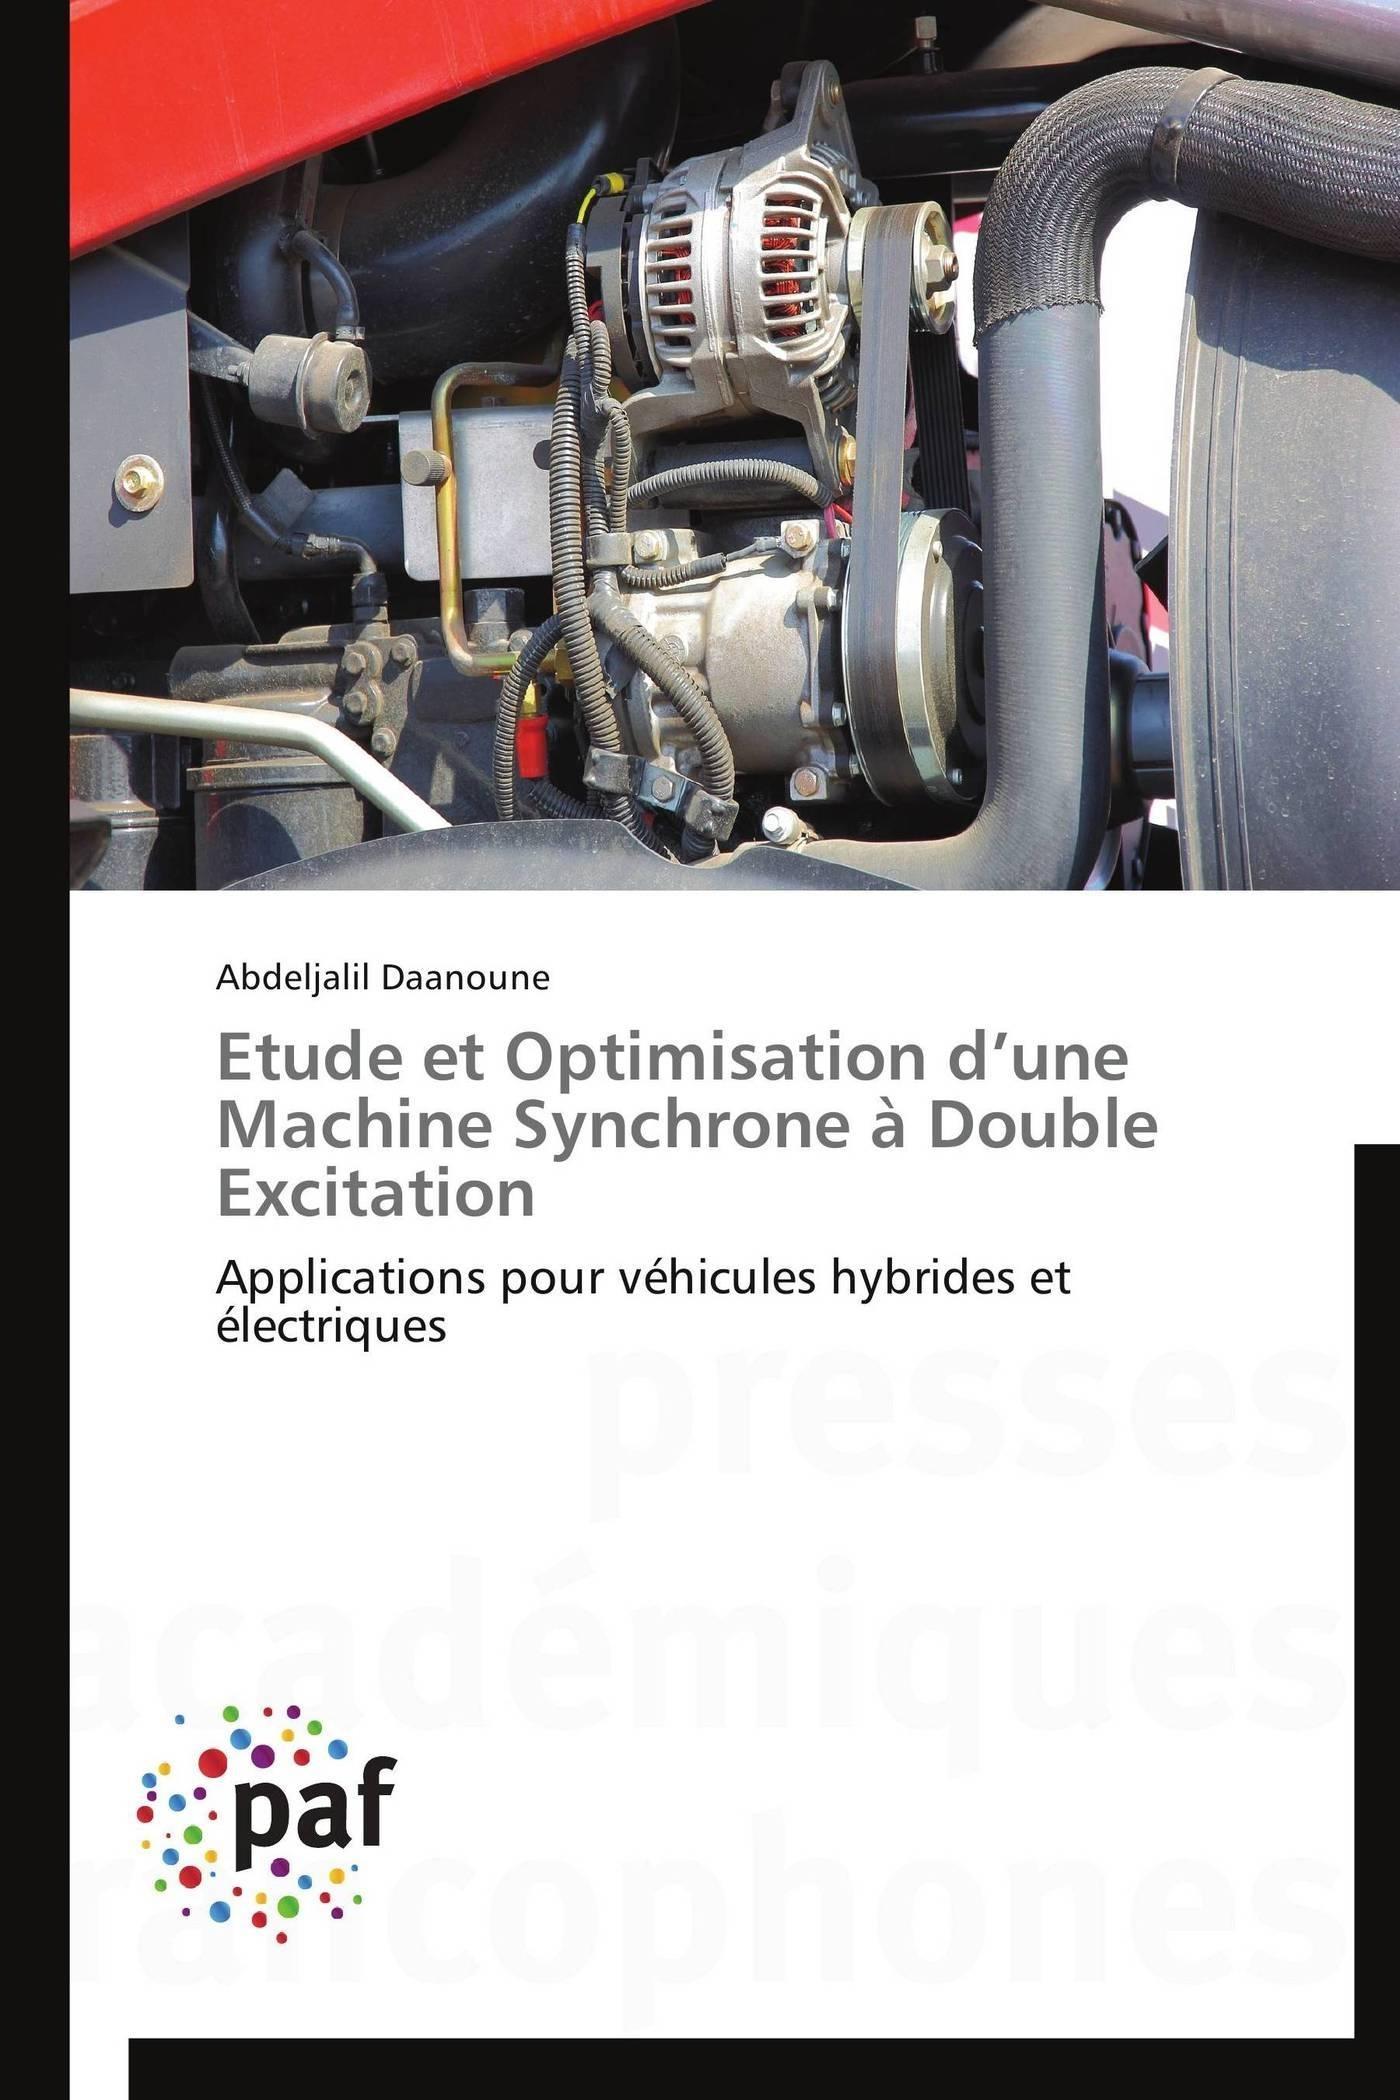 ETUDE ET OPTIMISATION D UNE MACHINE SYNCHRONE A DOUBLE EXCITATION